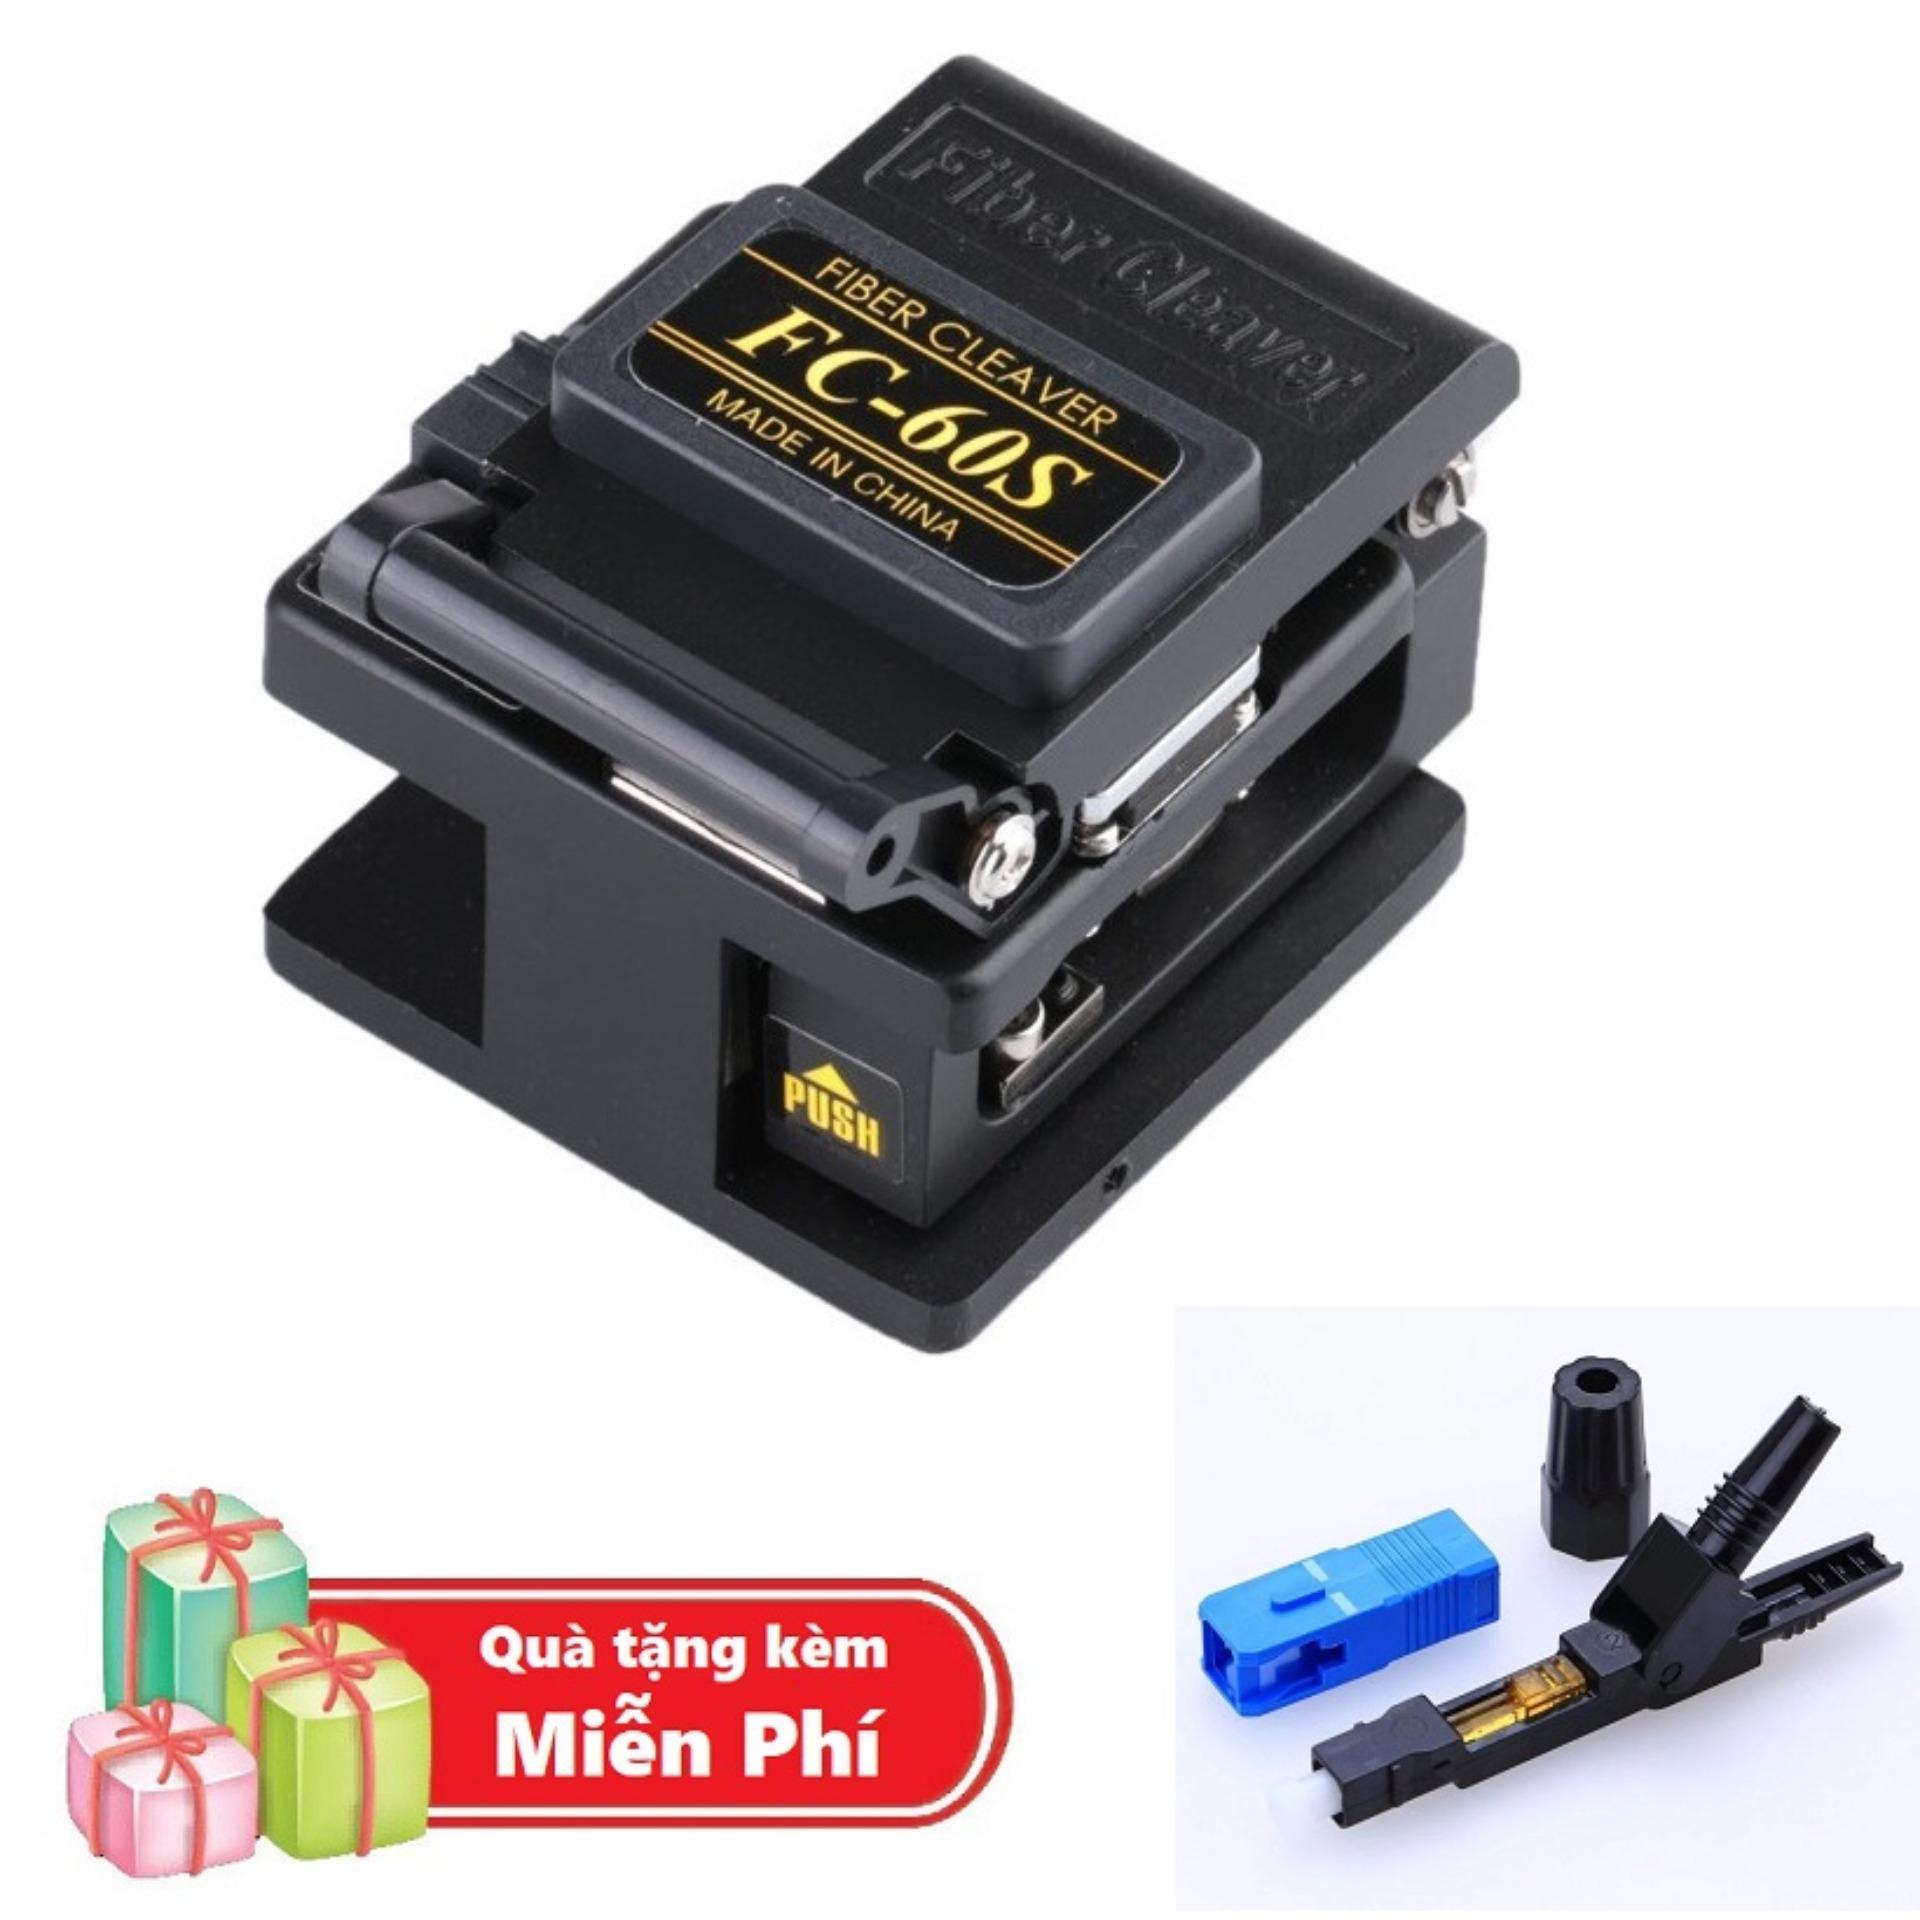 ( Quà tặng Đầu nối quang cao cấp SC/UPC Fast Connector ) Dao cắt sợi quang cao cấp chuyên dùng...